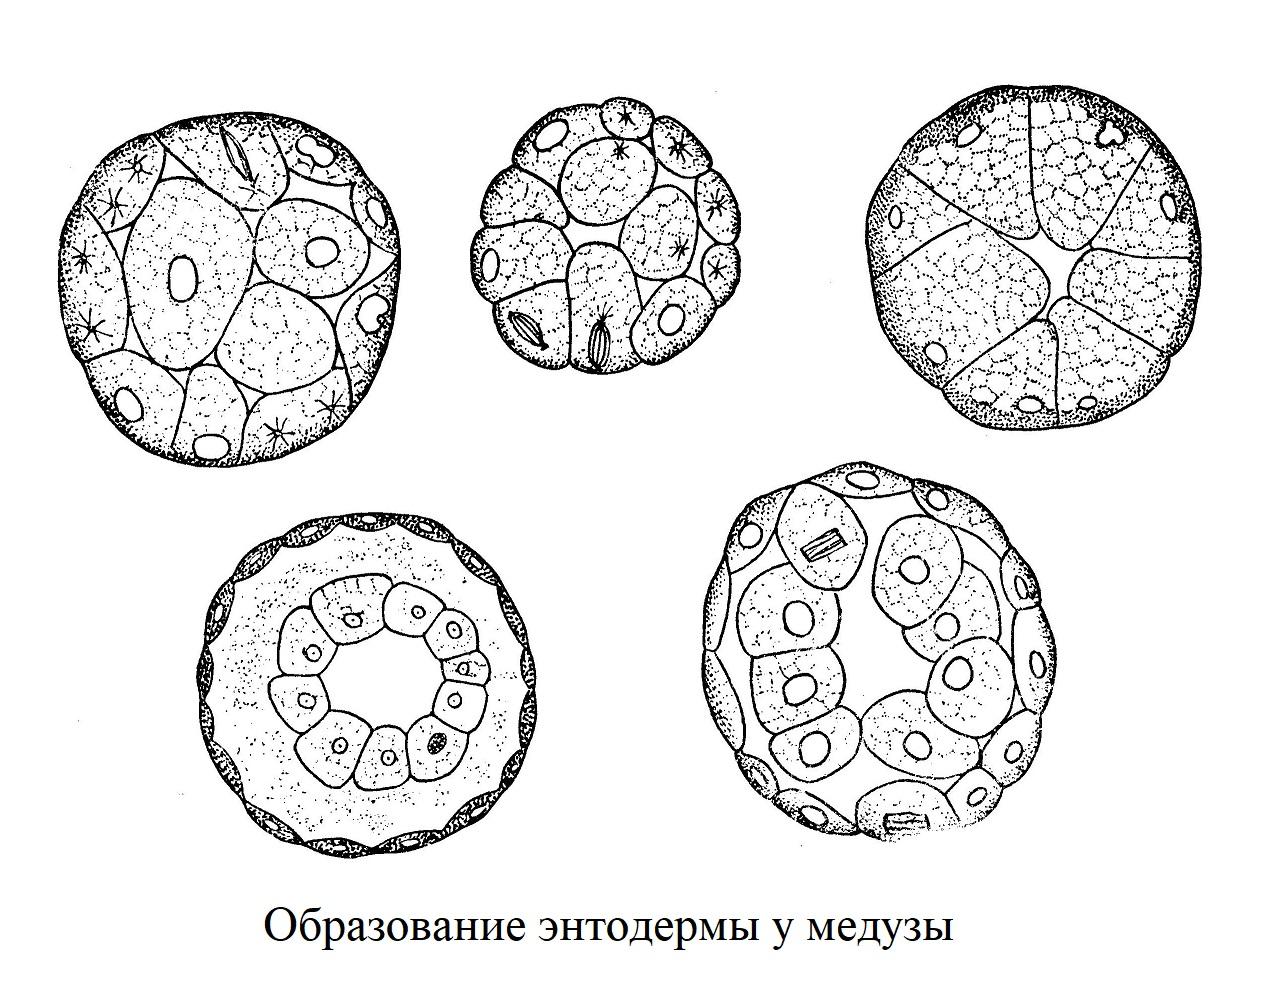 Образование энтодермы у медузы